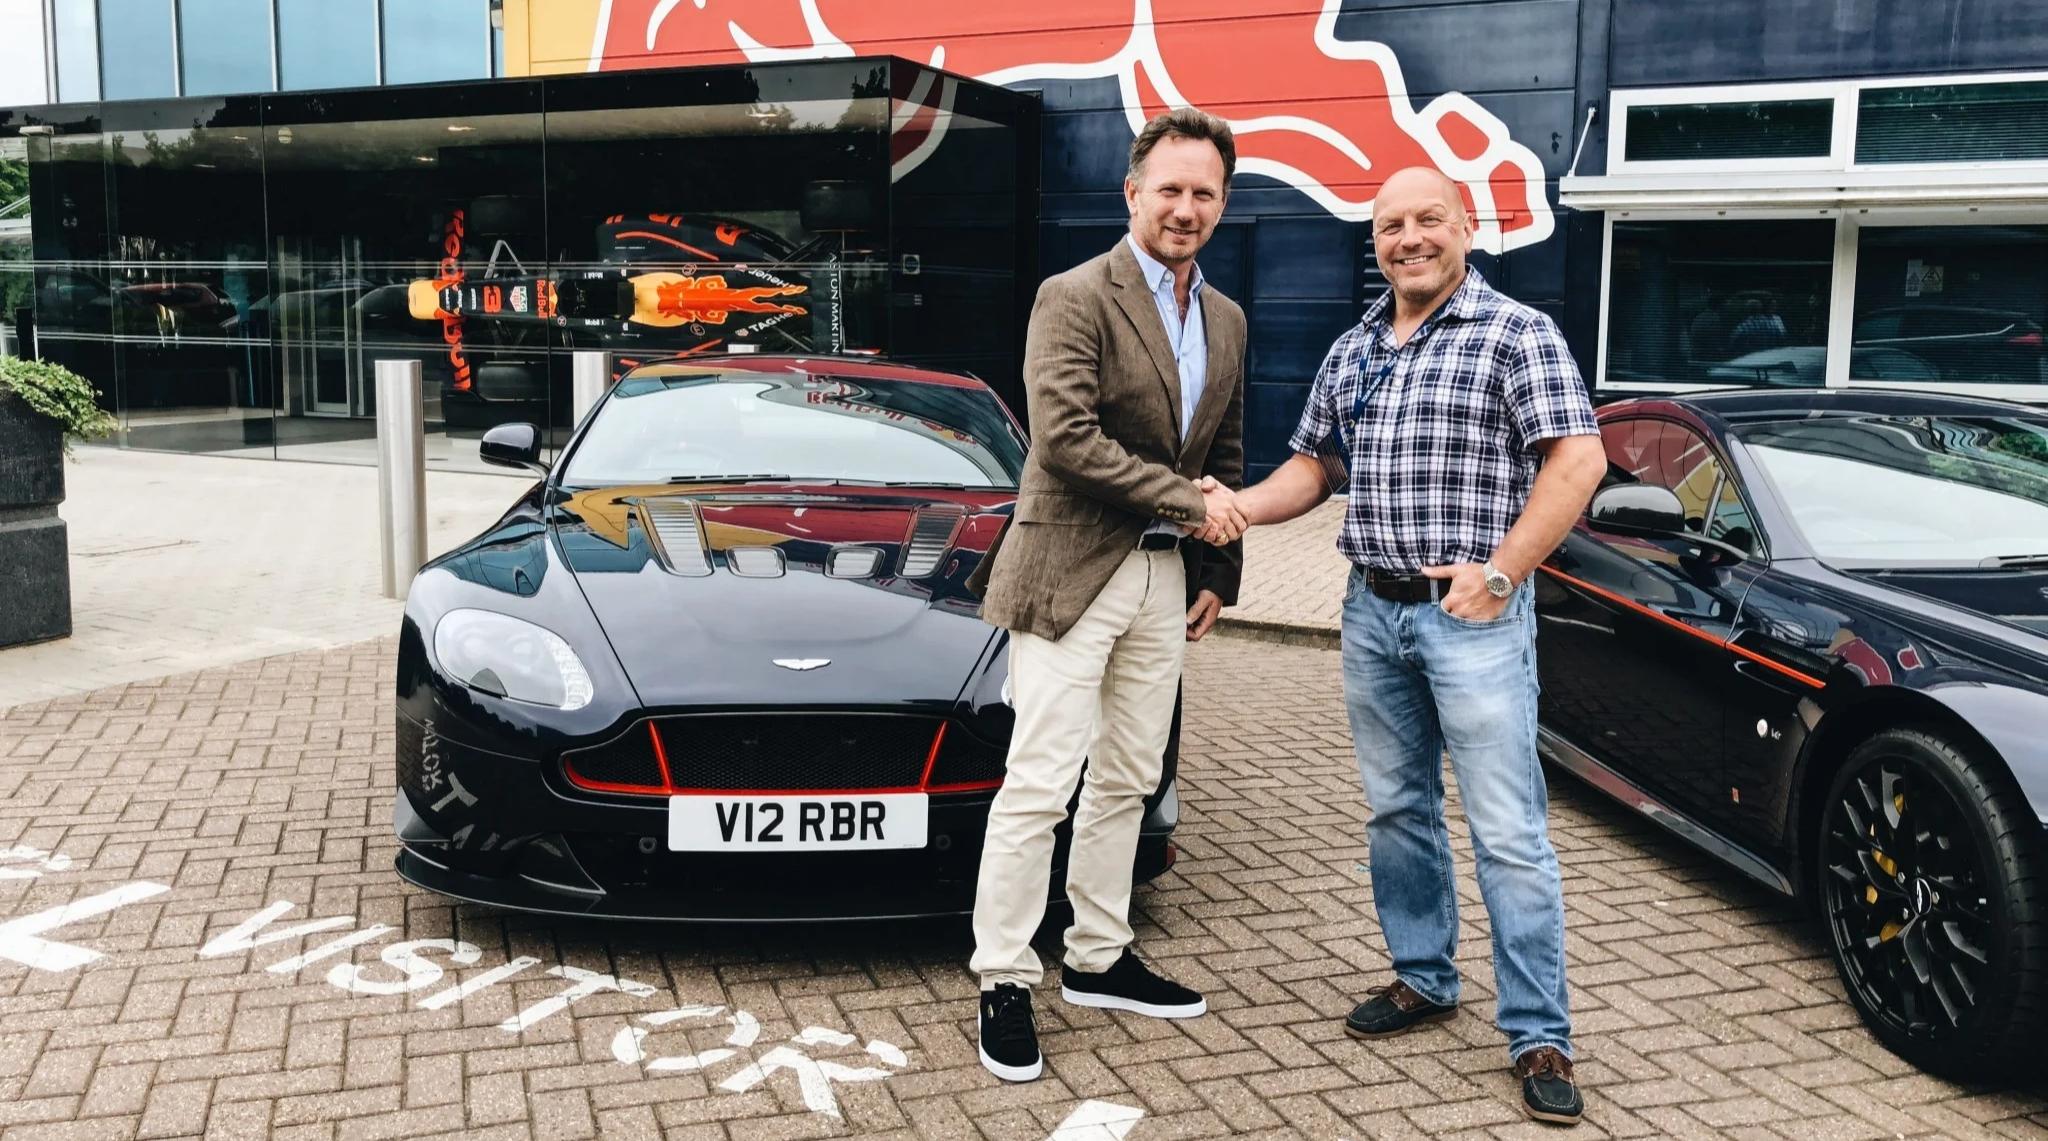 Aston Martin Red Bull Customer Handover